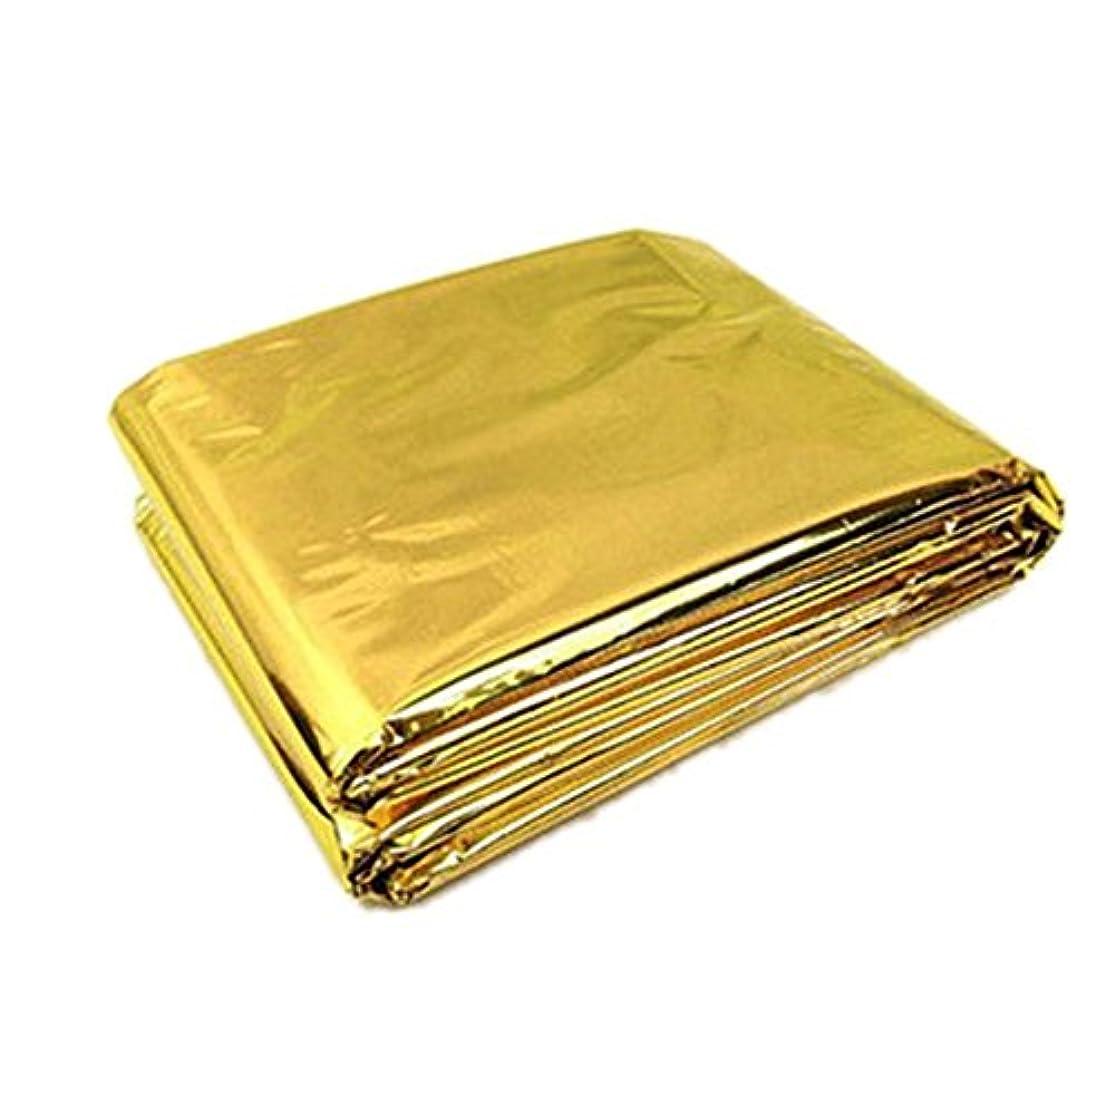 評決爵矛盾するTOOGOO 210 * 130 cm緊急生存毛布/救助外断熱ブランケット 金色